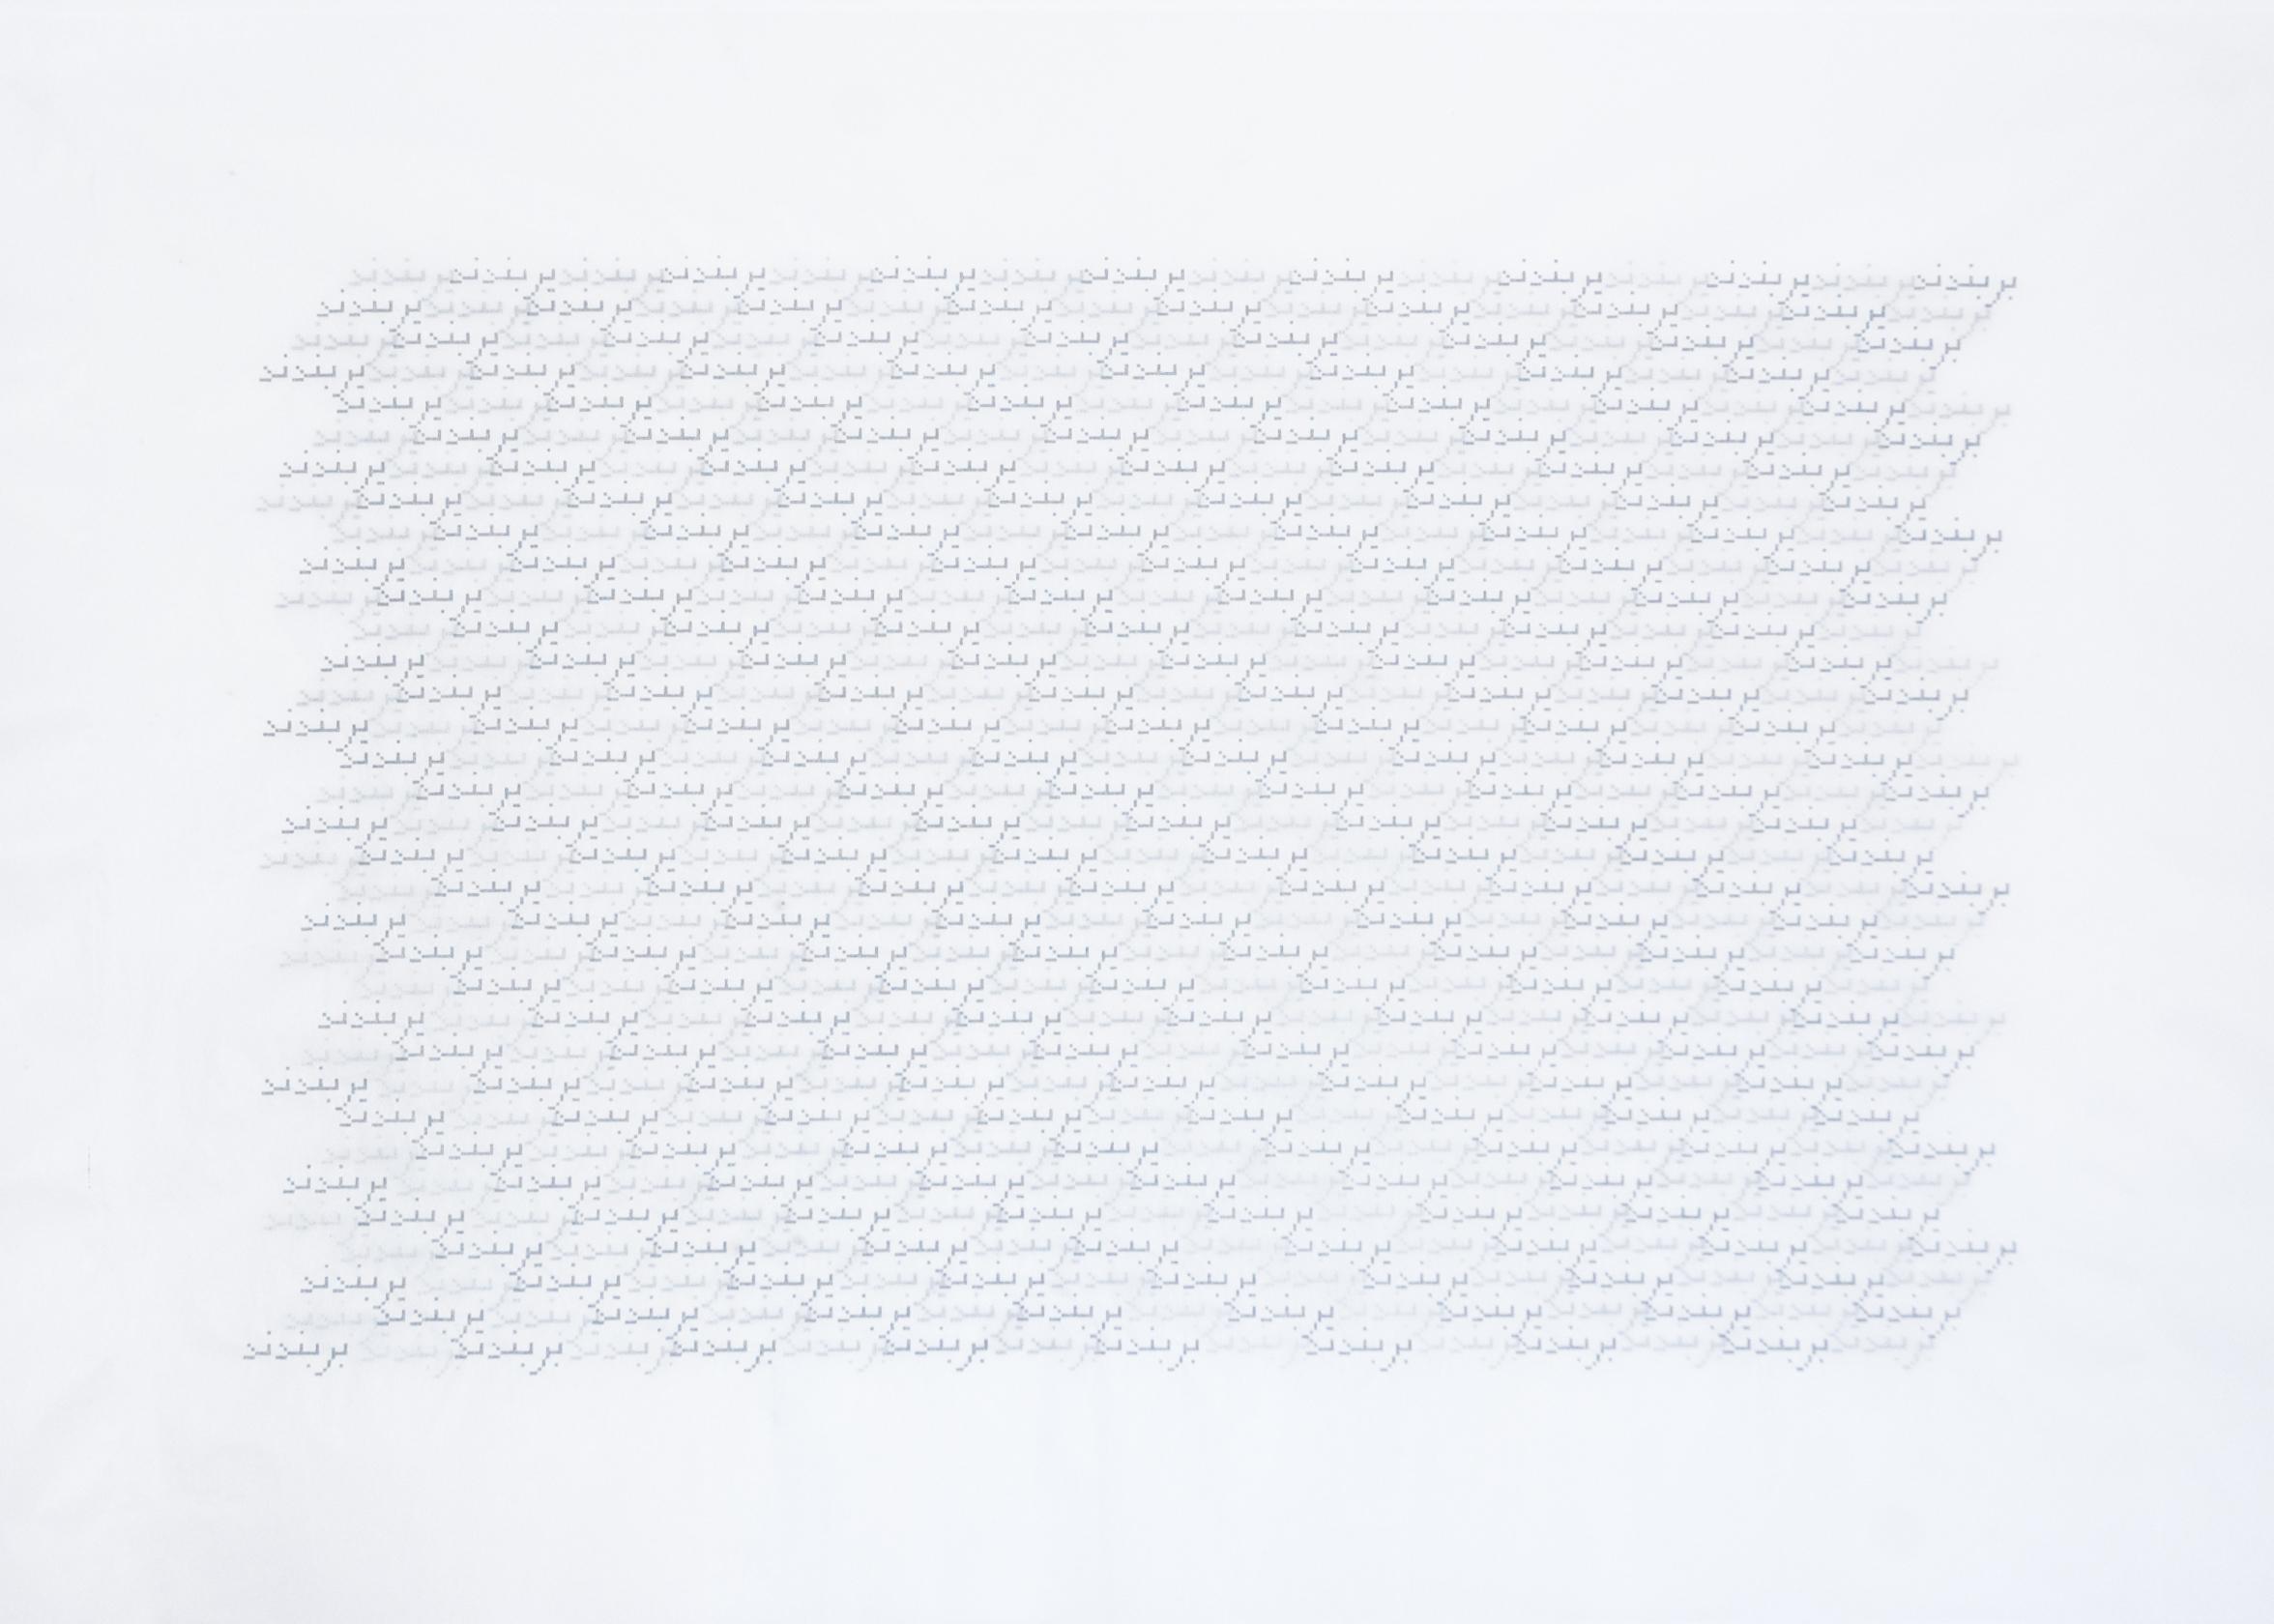 10-20150413-golnar-adili-005